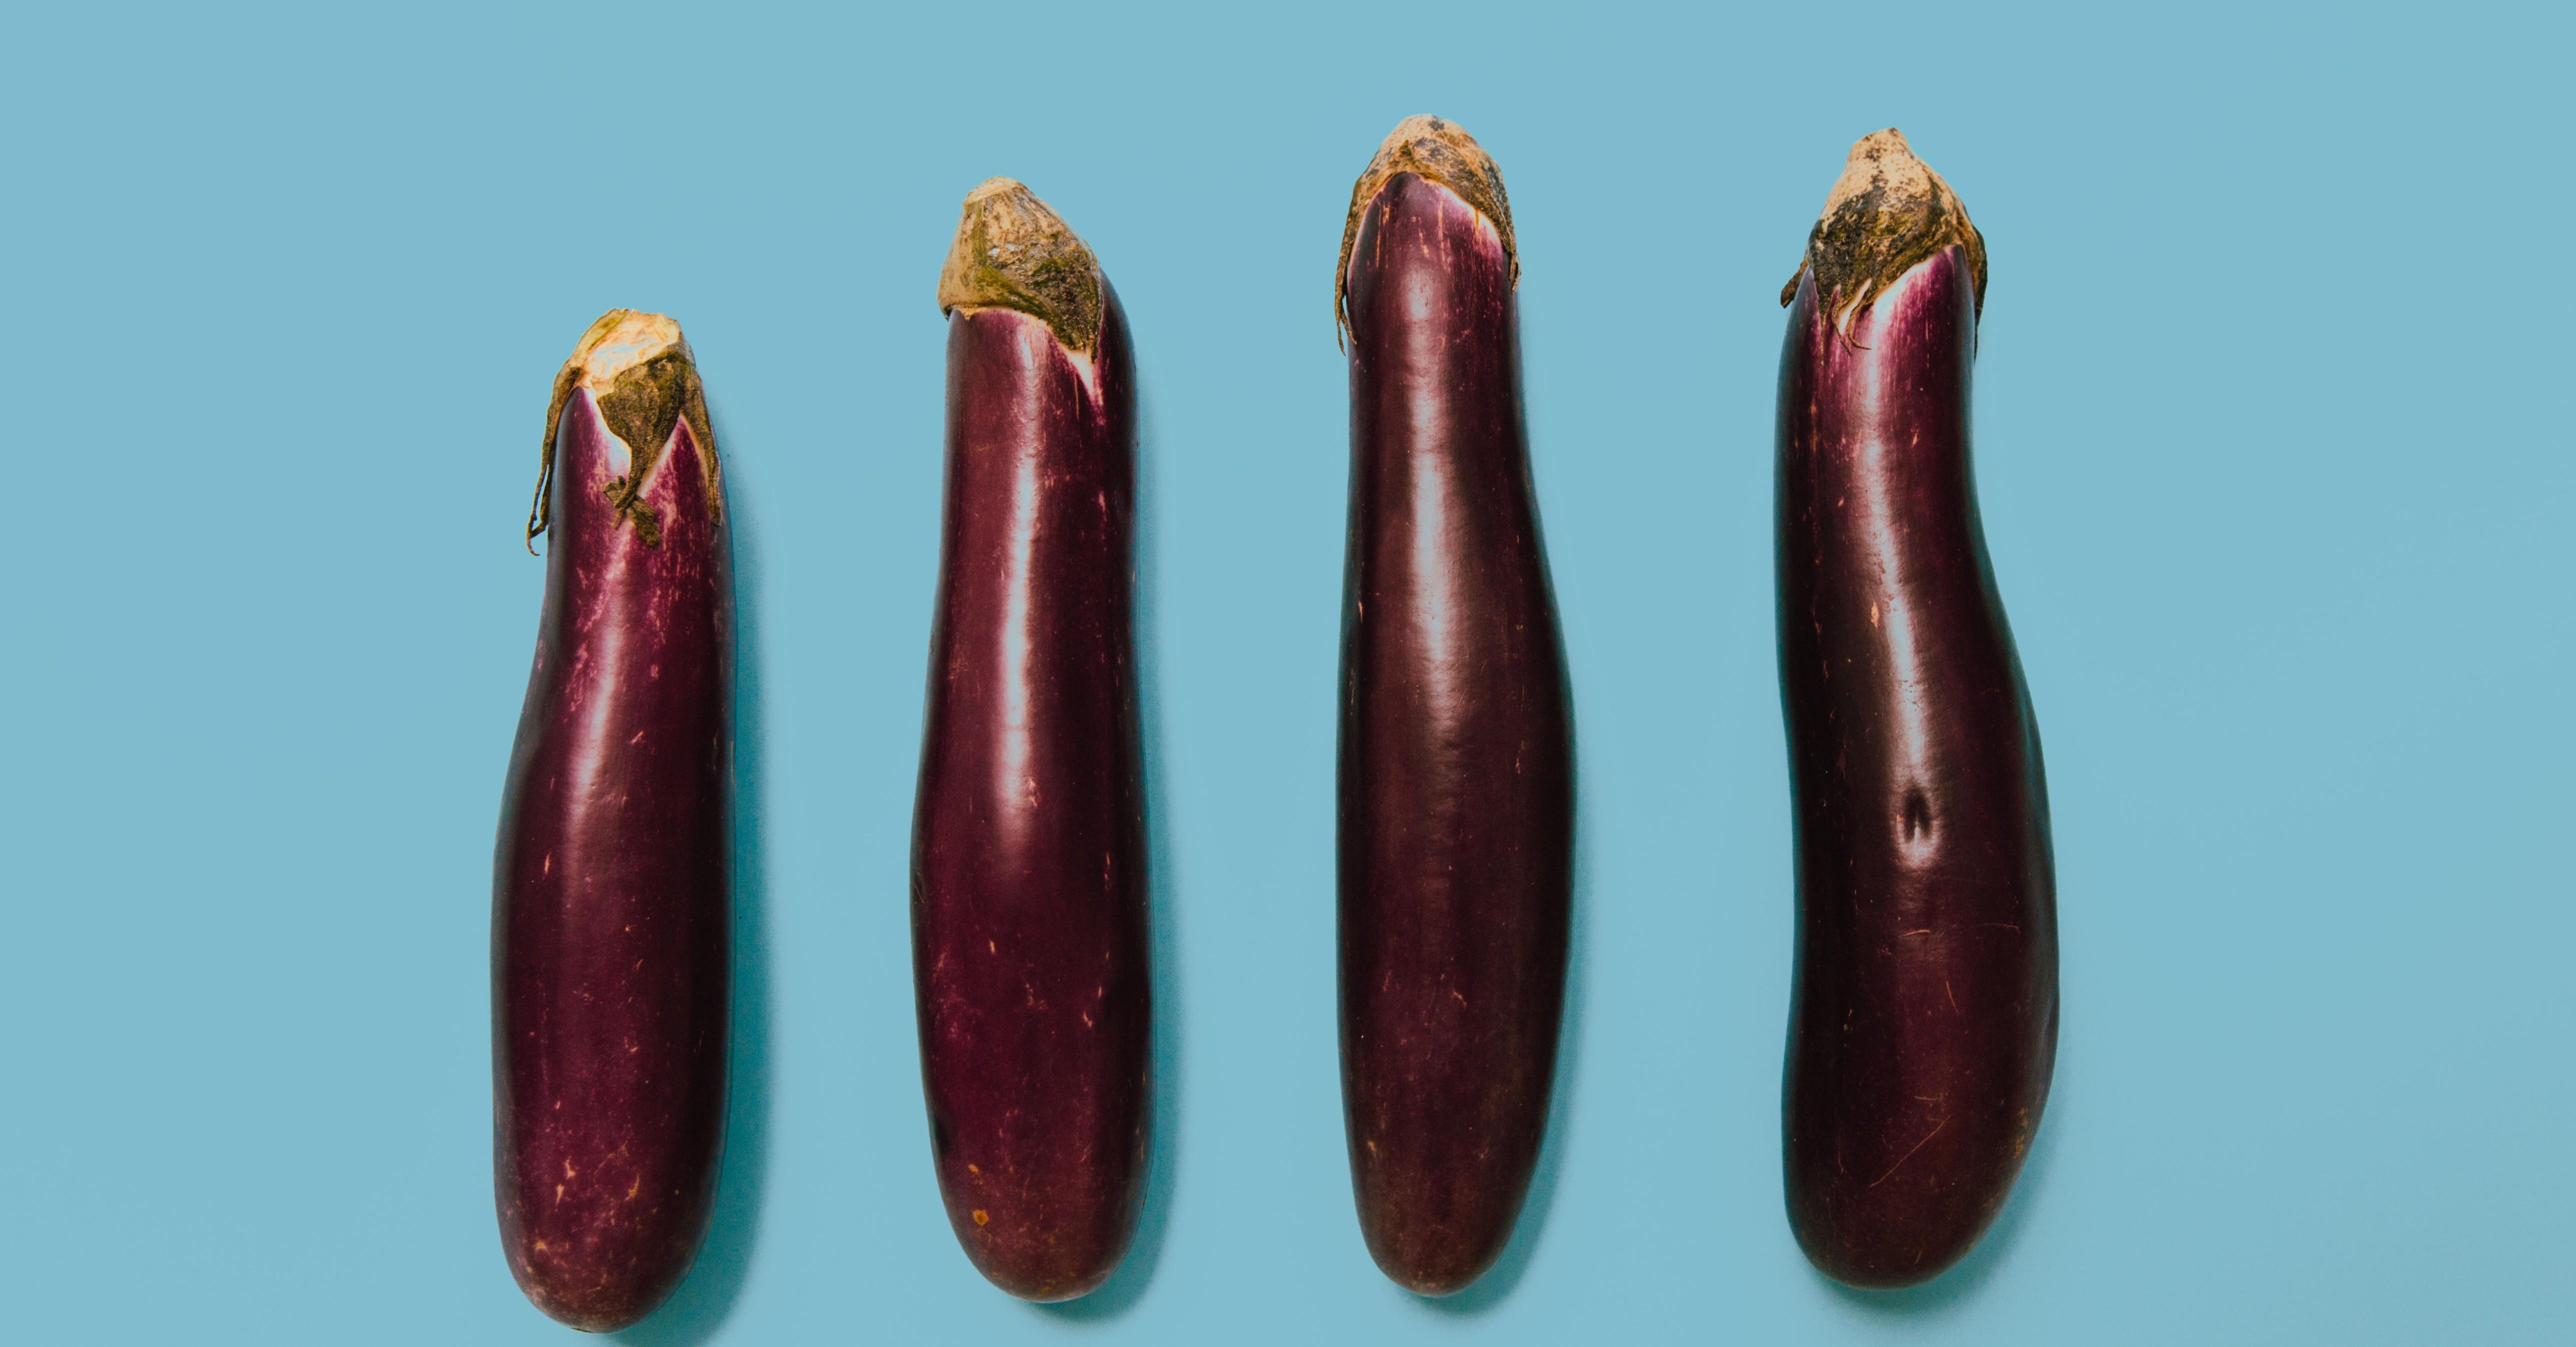 ceea ce mărește alimentele pentru erecție parametrii penisului